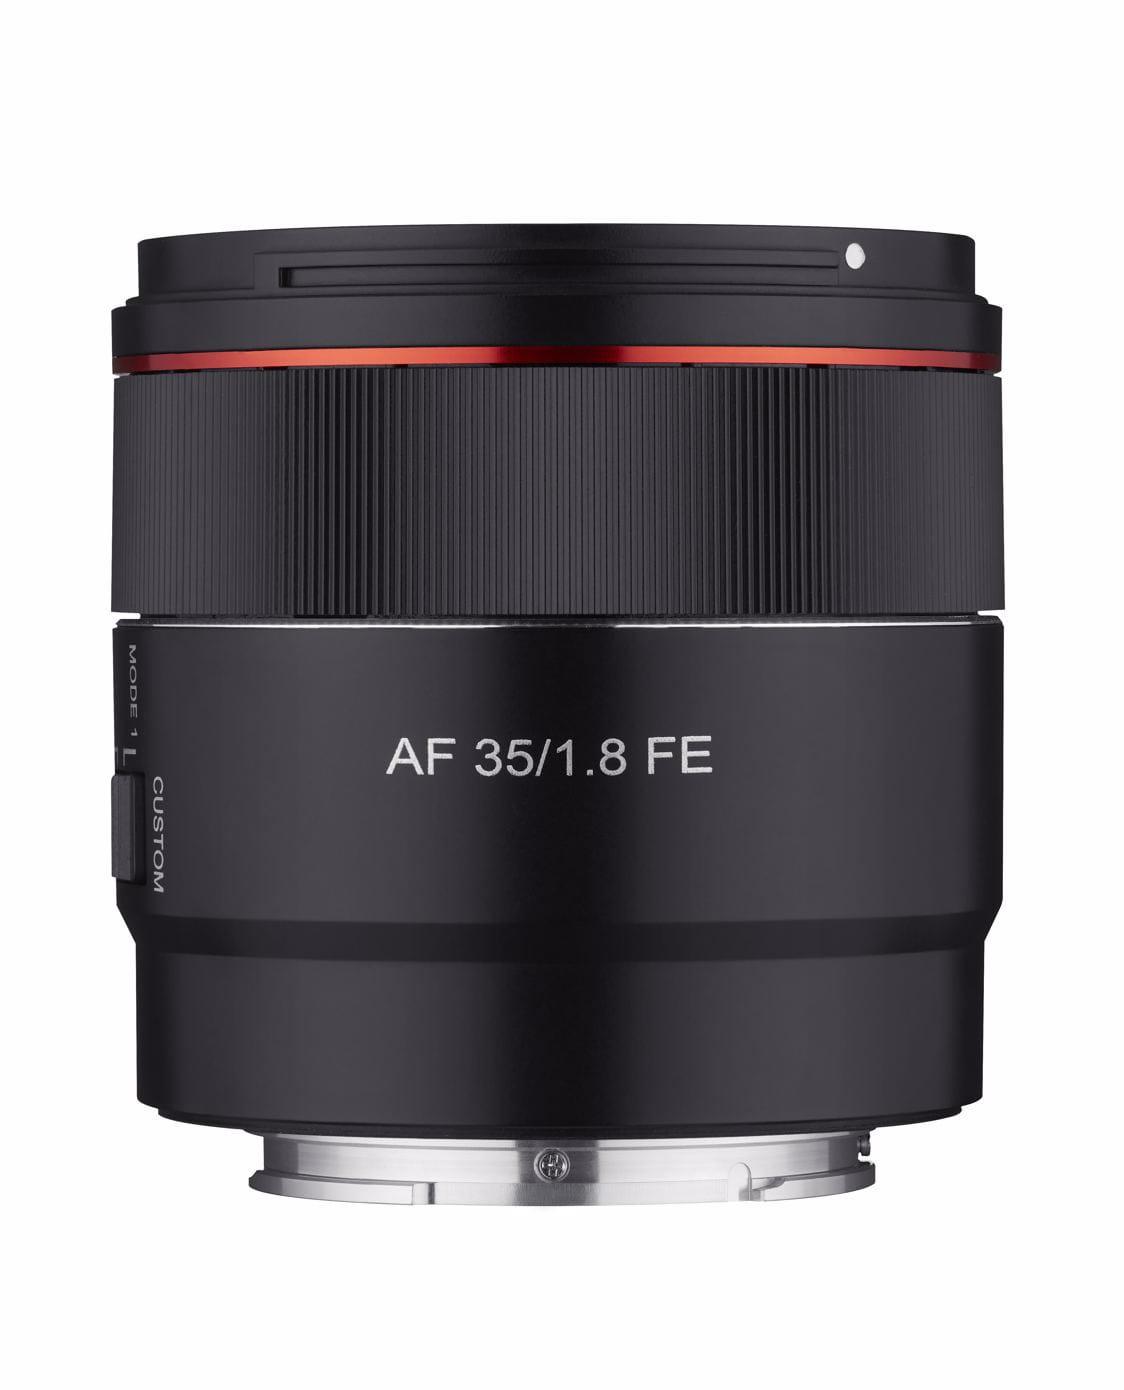 Obiektyw Samyang AF 35 mm F1.8 FE